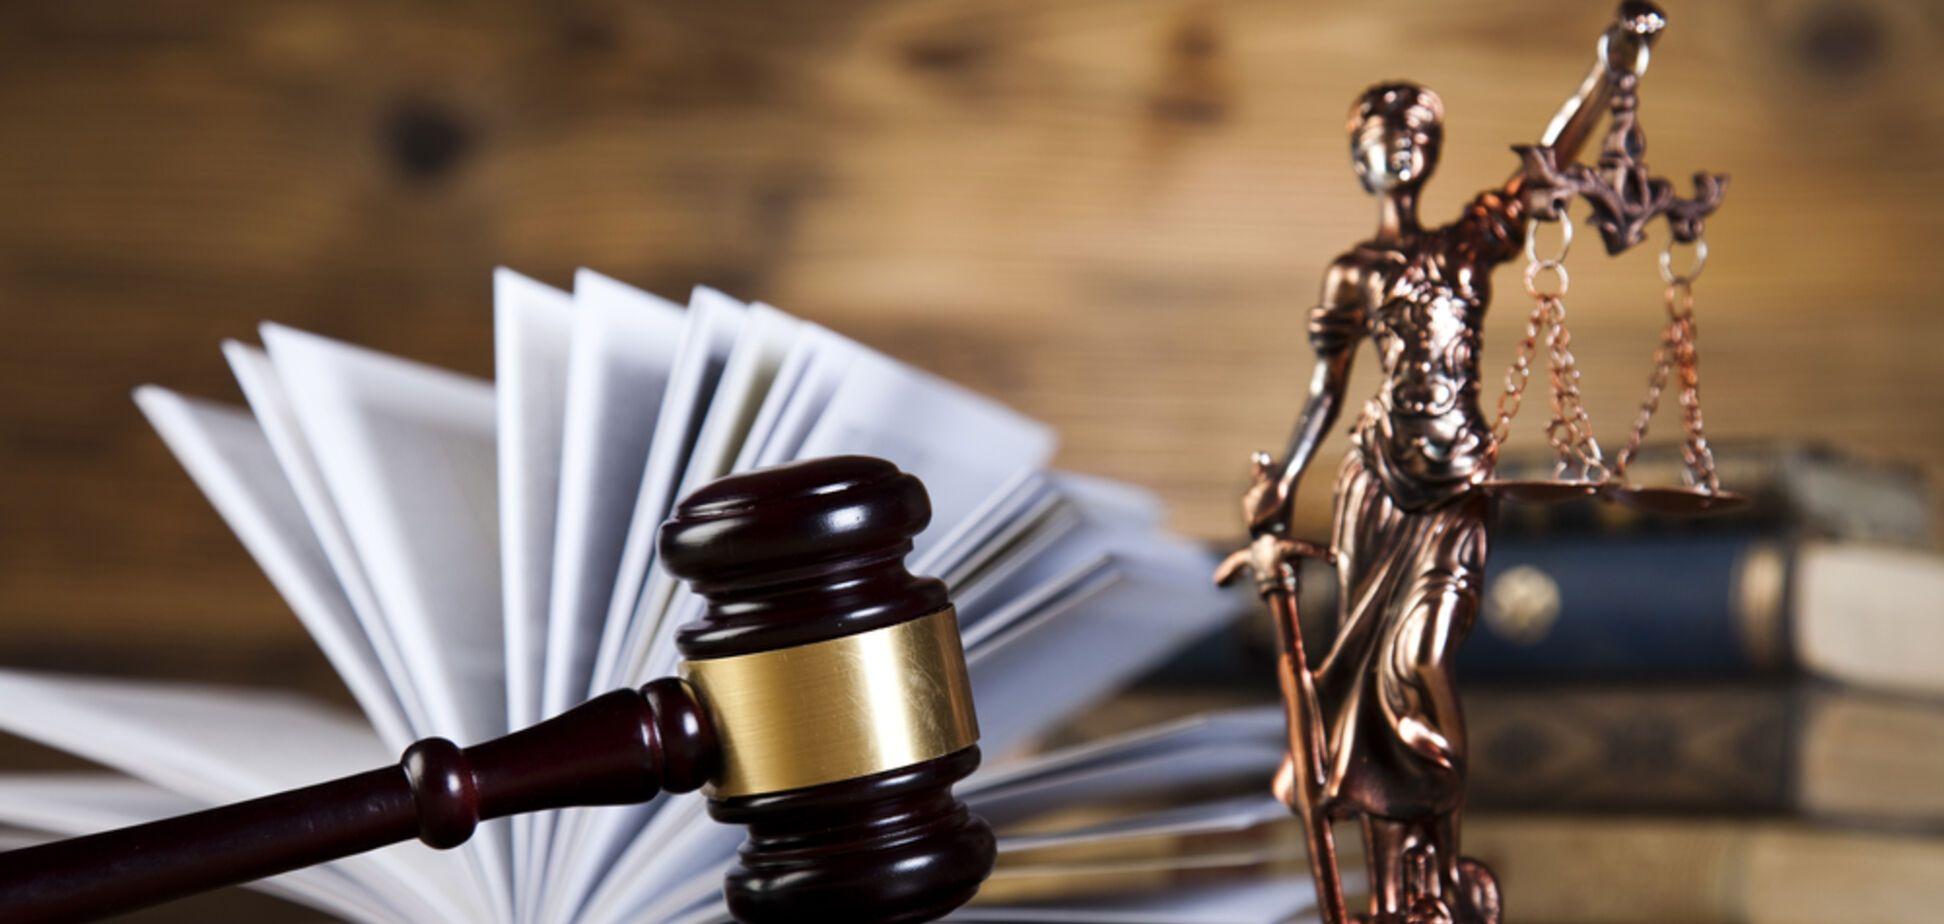 Антикорупційний суд з'явиться в Україні: чого чекати від нового органу